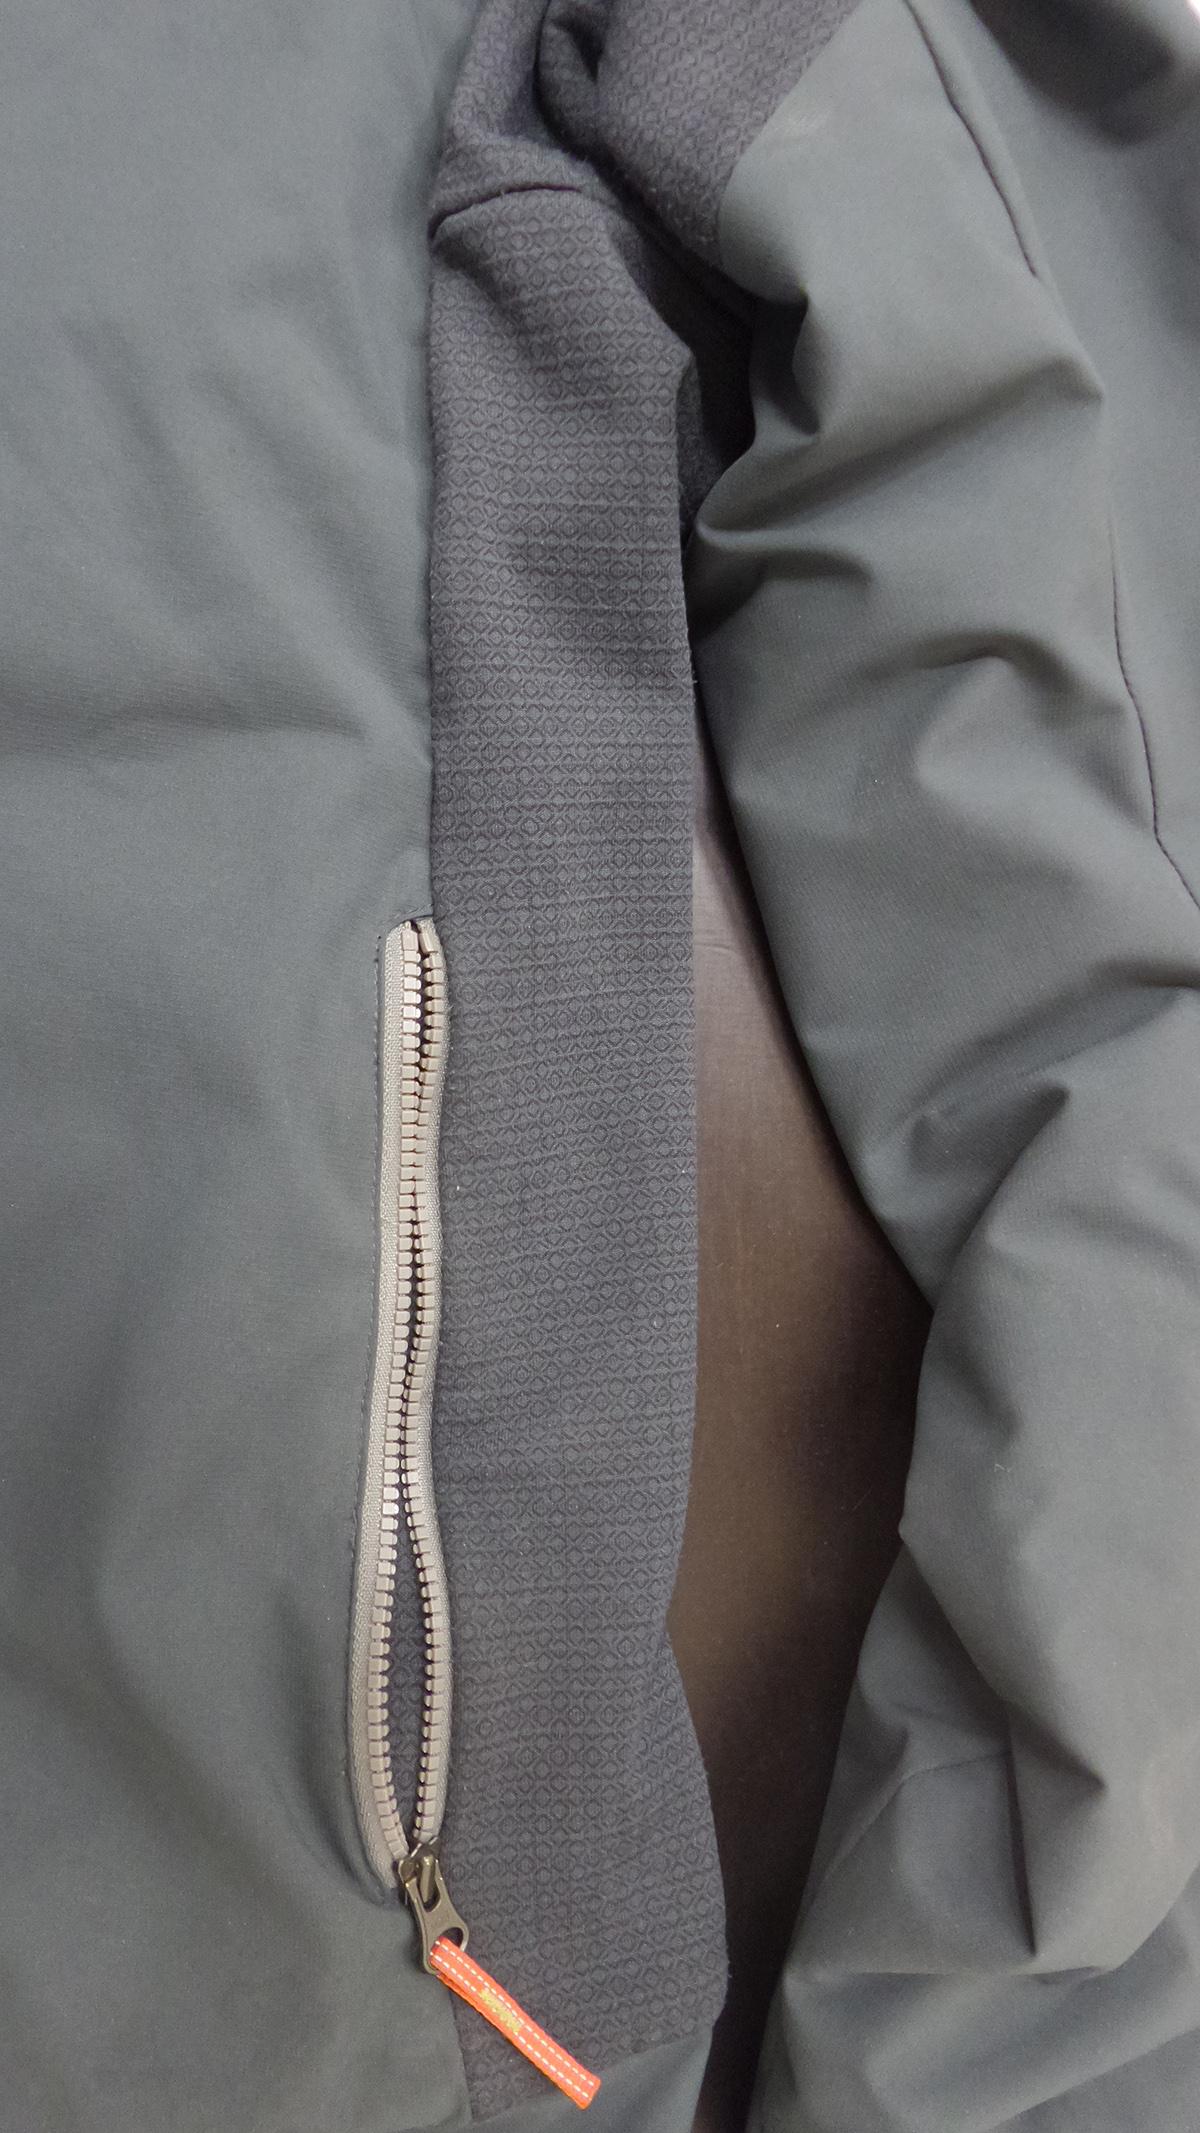 KArpos Life bunda bocné zipsy a vetranie